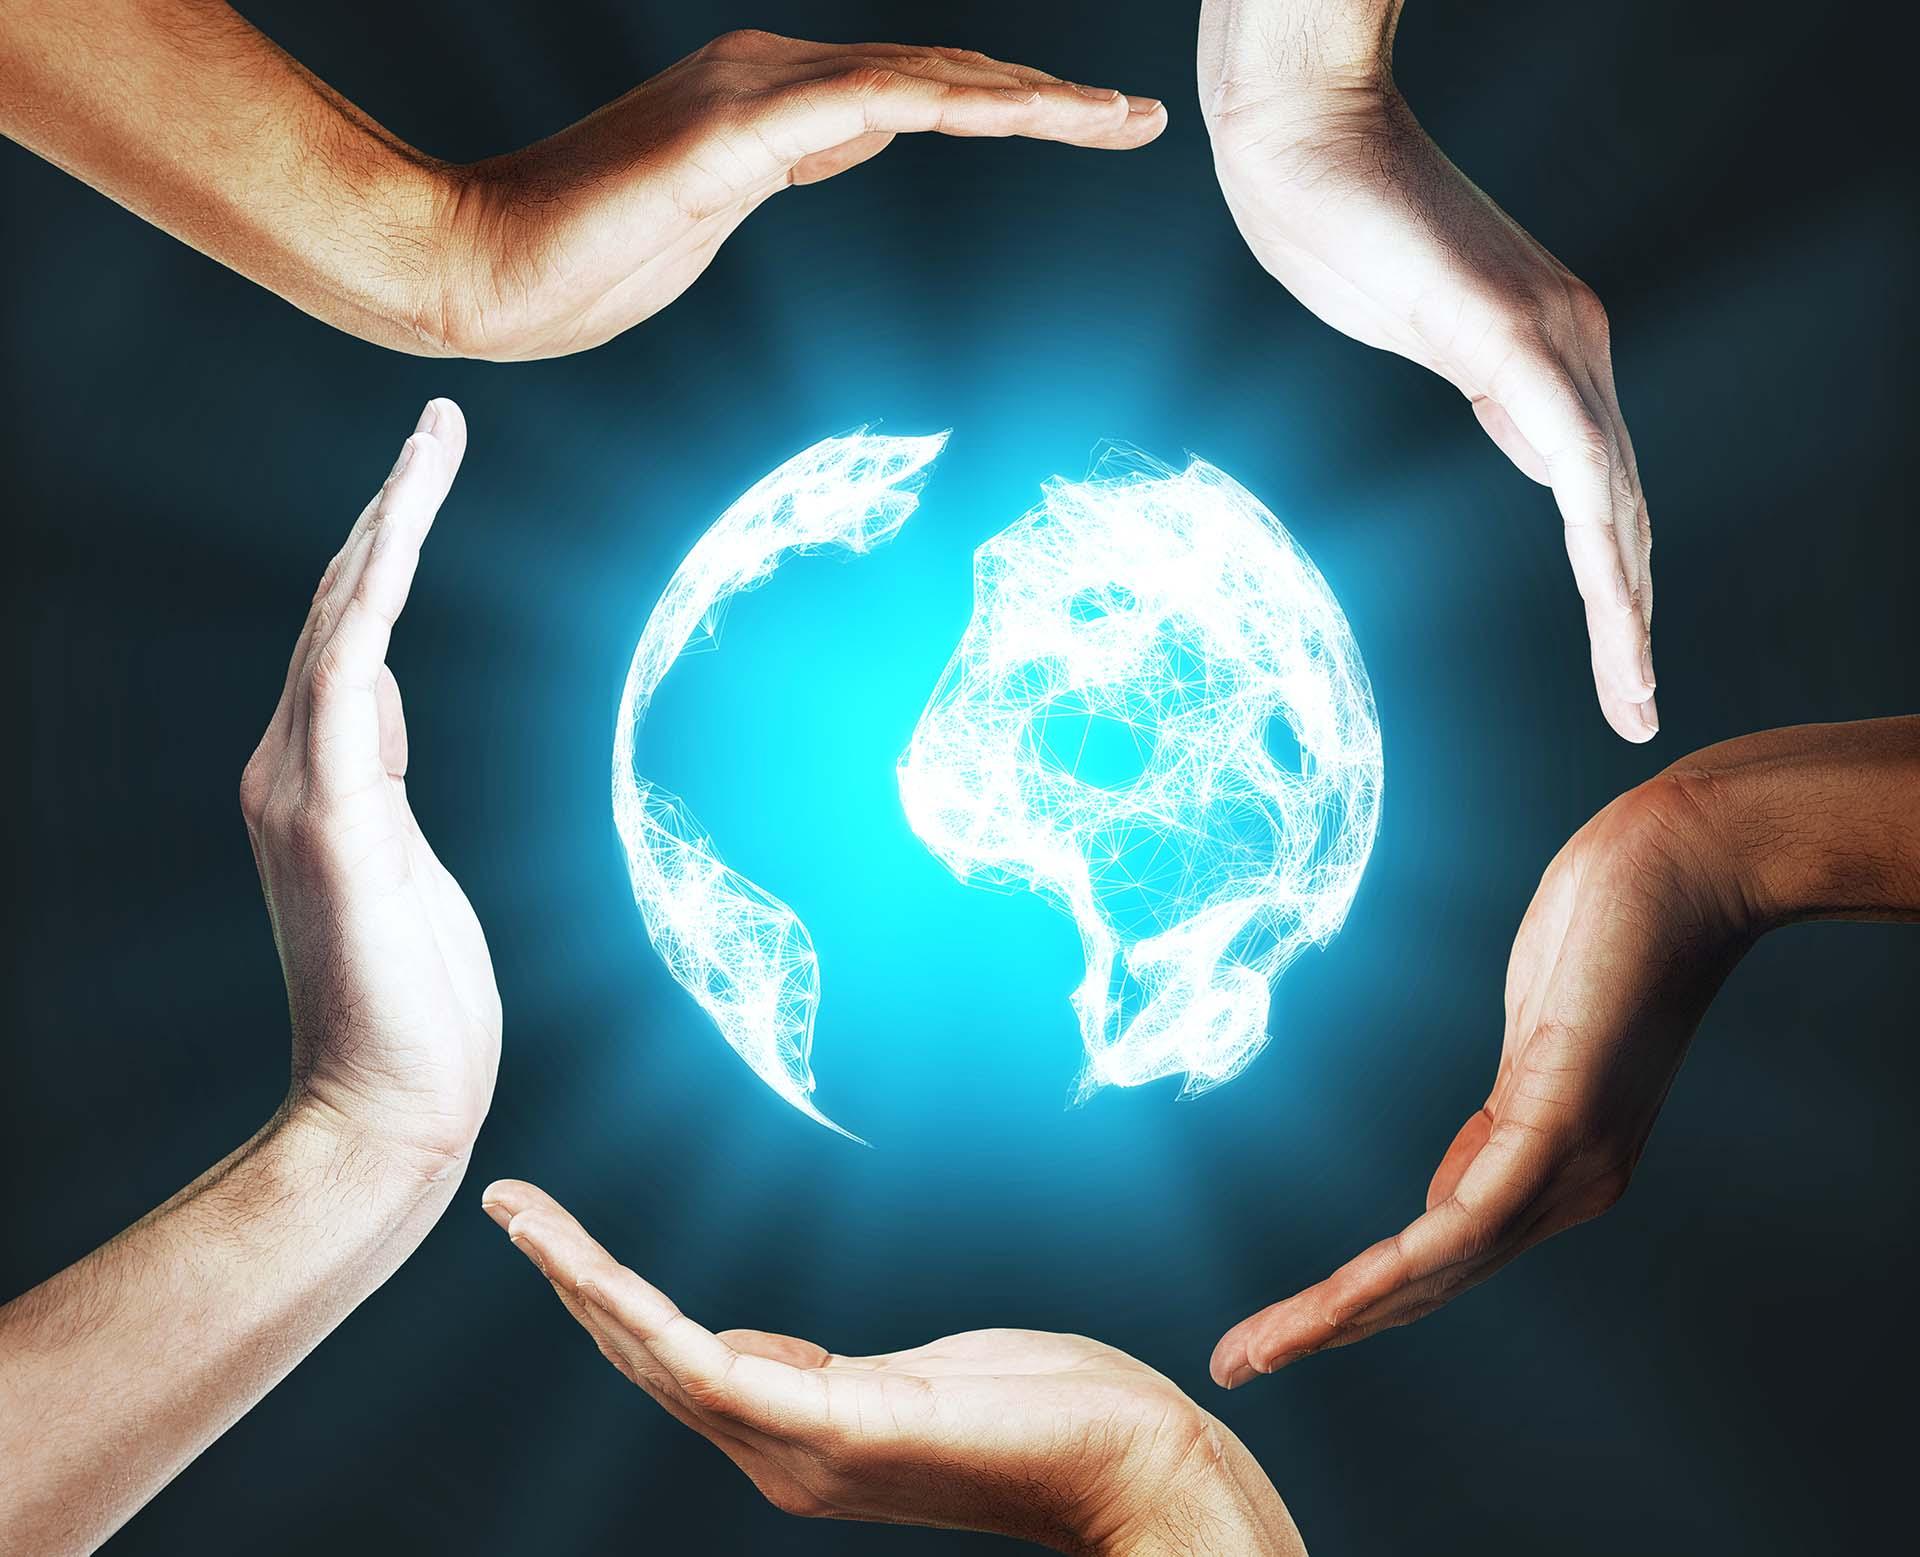 Ο ήχος της ψυχής και ο Νέος Όμιλος Εξυπηρετητών του Κόσμου